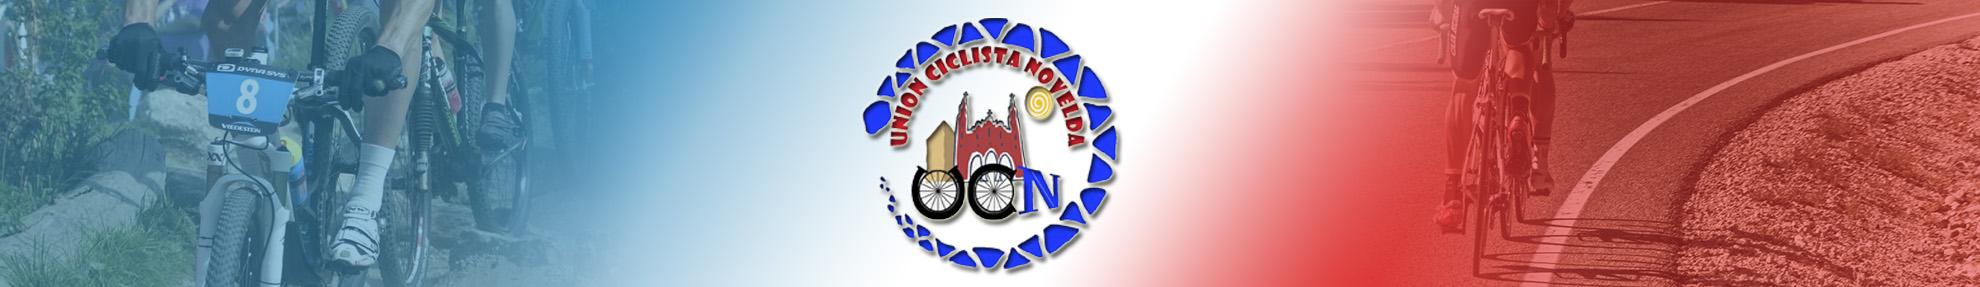 Unión Ciclista Novelda